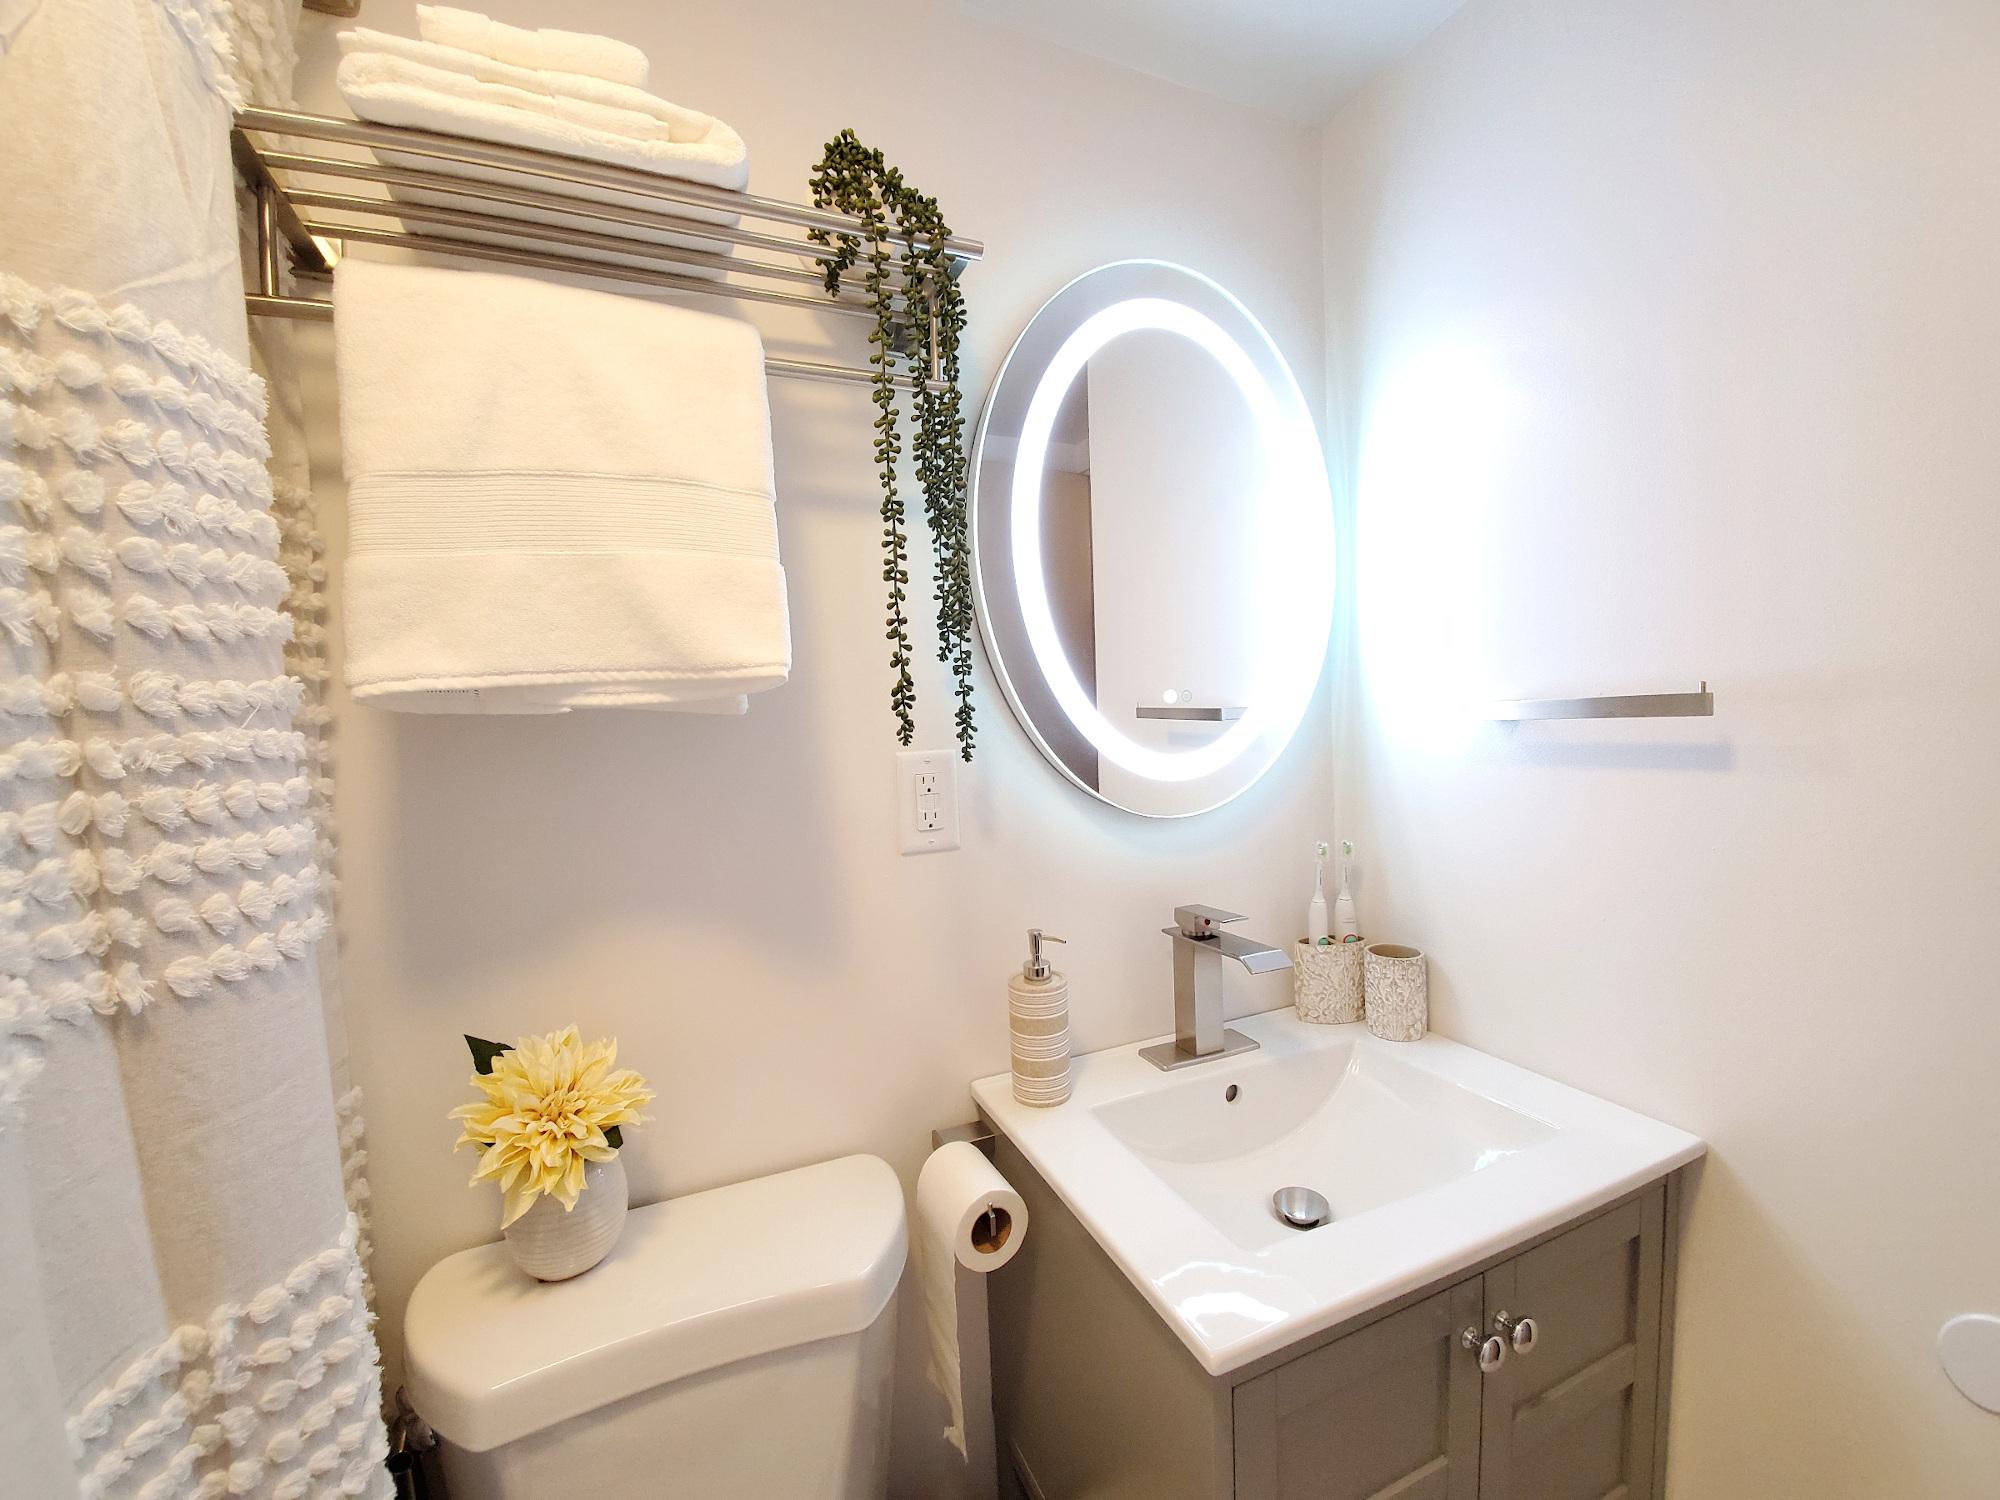 Lake House Bathroom Renovation, Small Lake House Bathroom Ideas